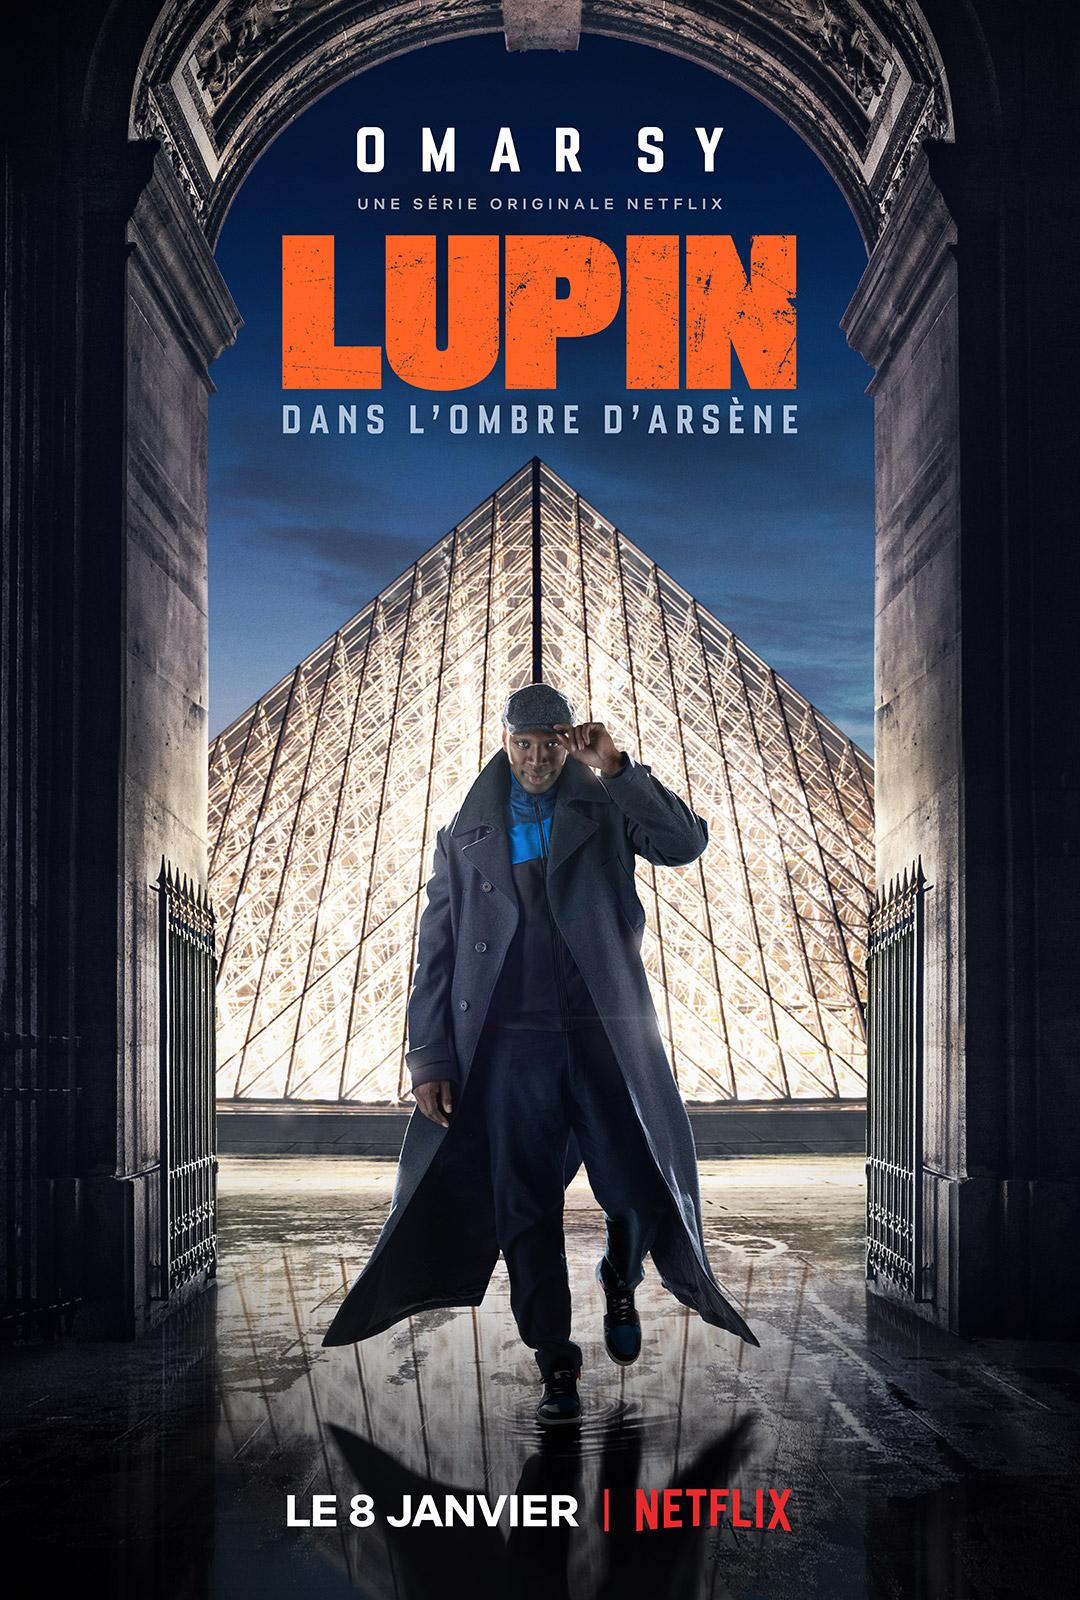 Lupin - Série 2021 - AdoroCinema